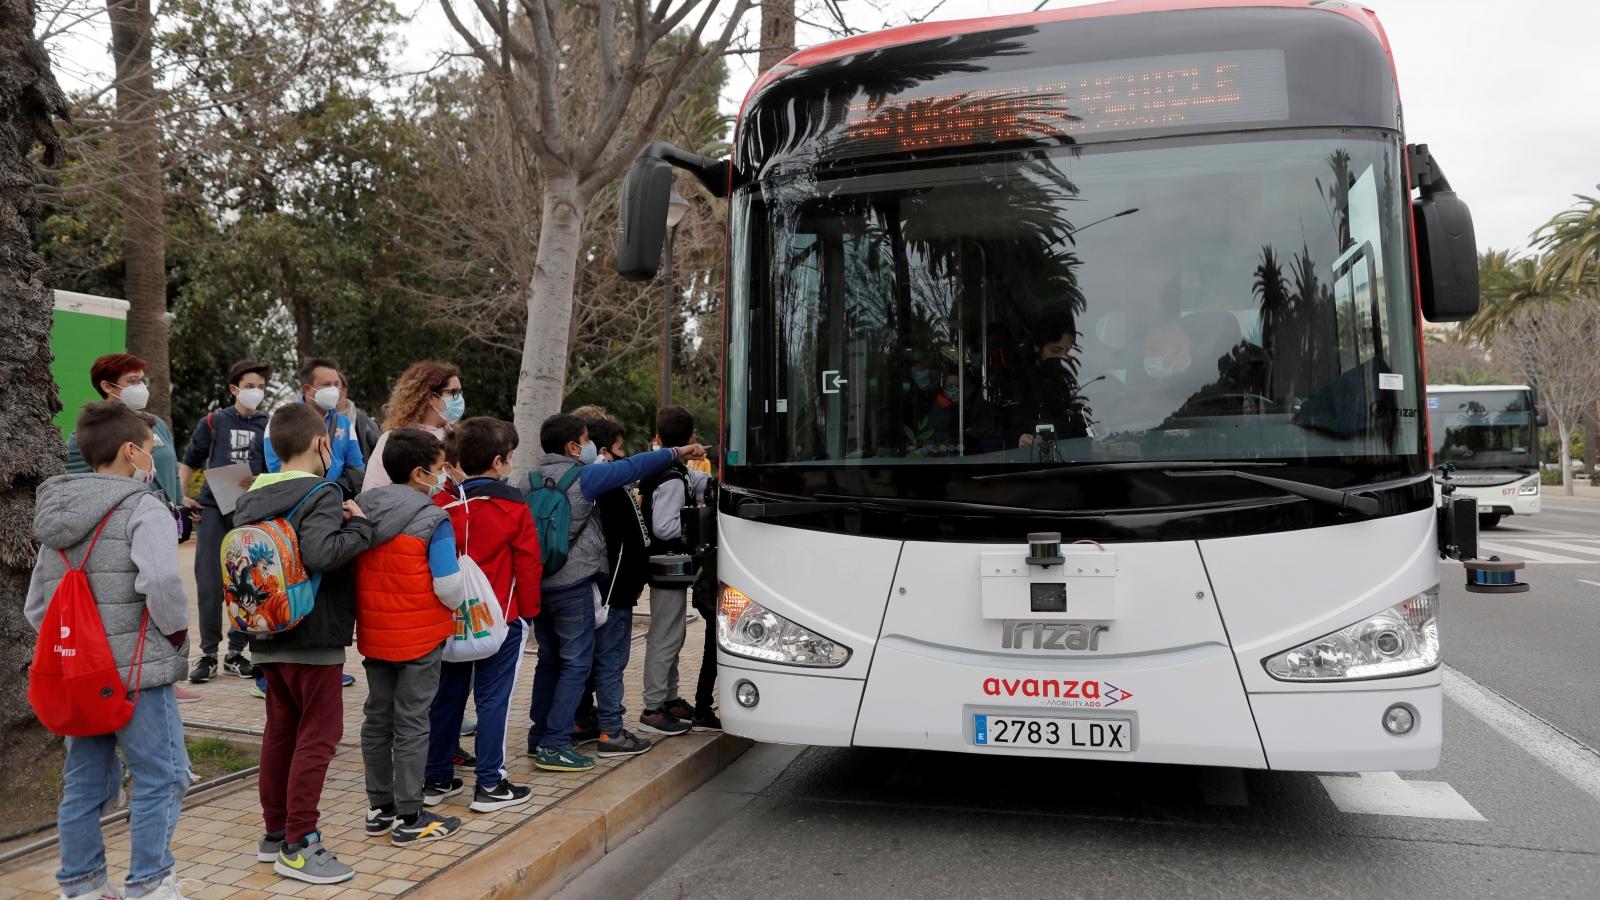 Du khách thích thú với xe buýt tự động tại Malaga, Tây Ban Nha